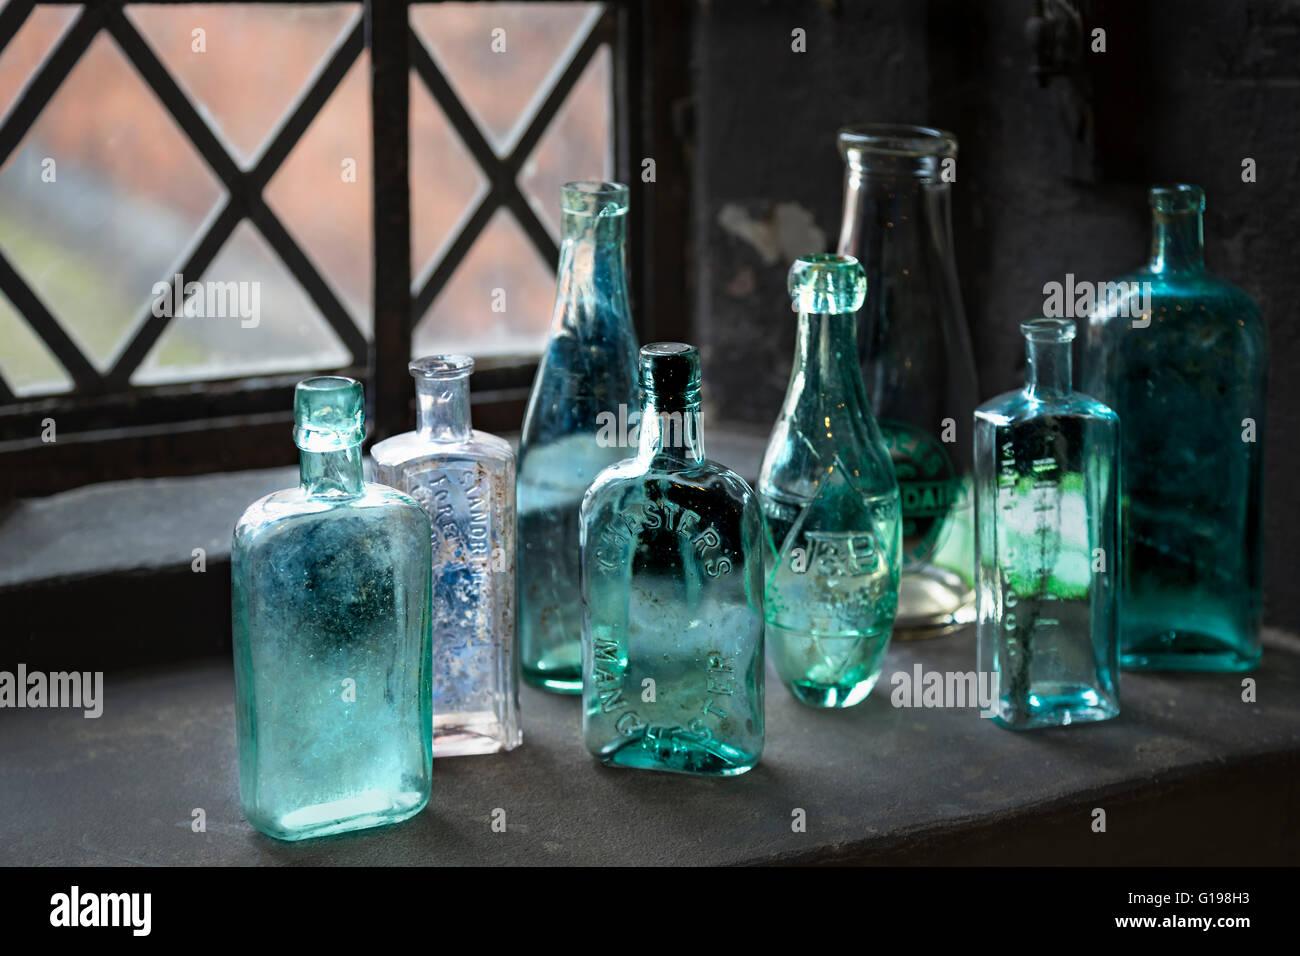 Bottles in Dunham Massey. - Stock Image